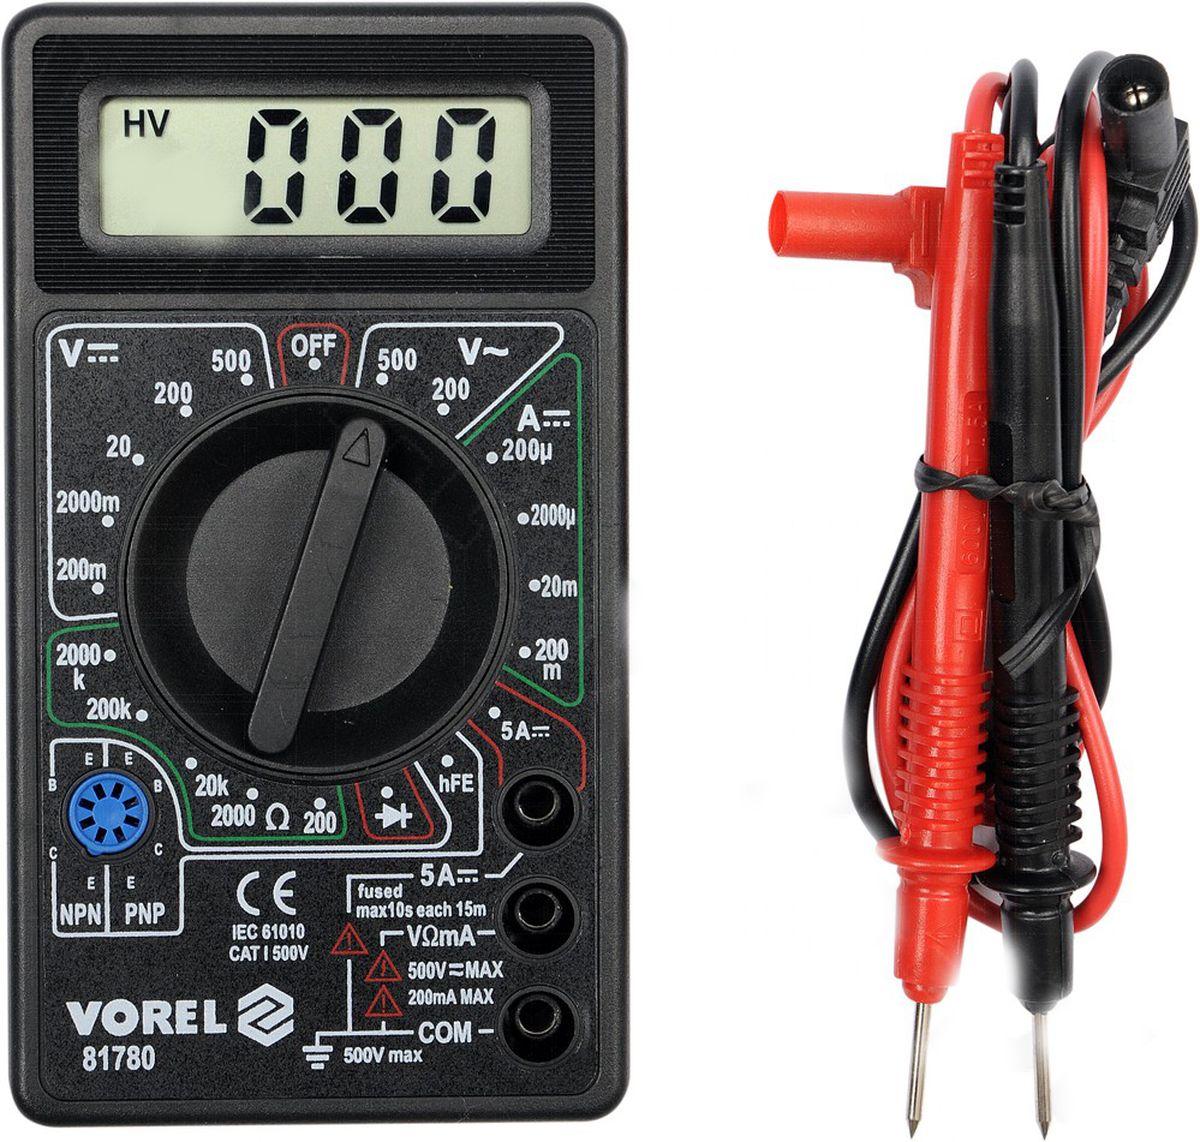 Измеритель цифровой универсальный VorelCA-3505Измеритель цифровой универсальный VOREL. Измерение напряжения переменного тока - 0-500 V; измерение напряжения постоянного тока - 0-500 V; змерение сопротивления - 0-2000 Ом.